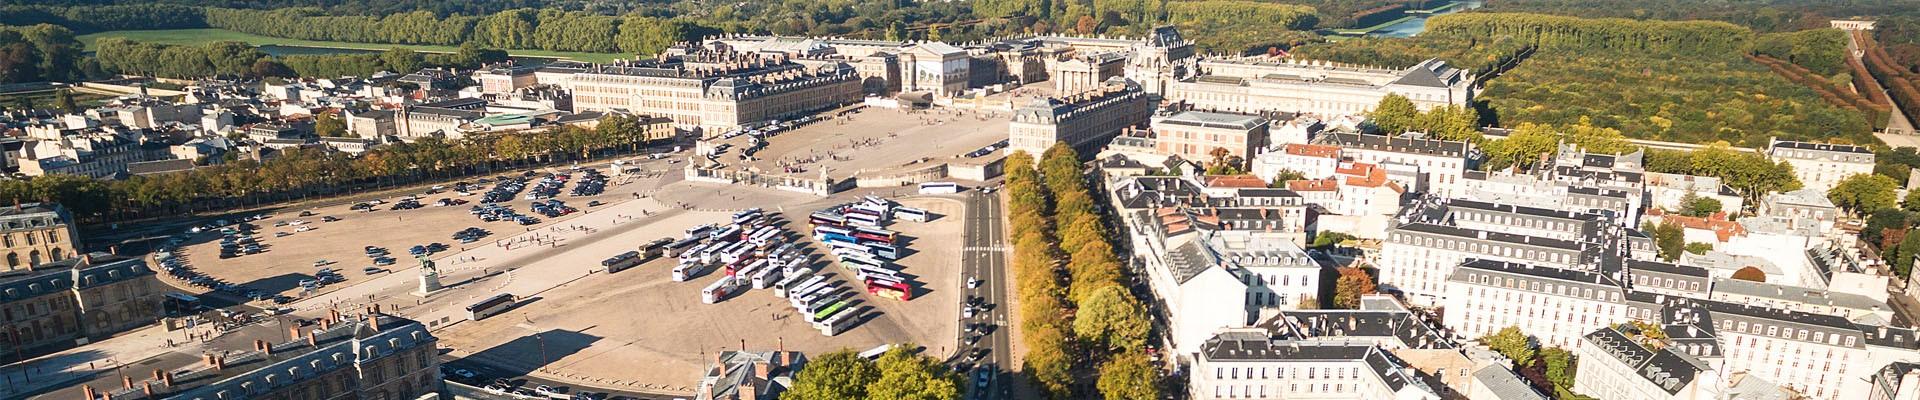 Estacionamiento de la Place d'Armes vista desde el cielo